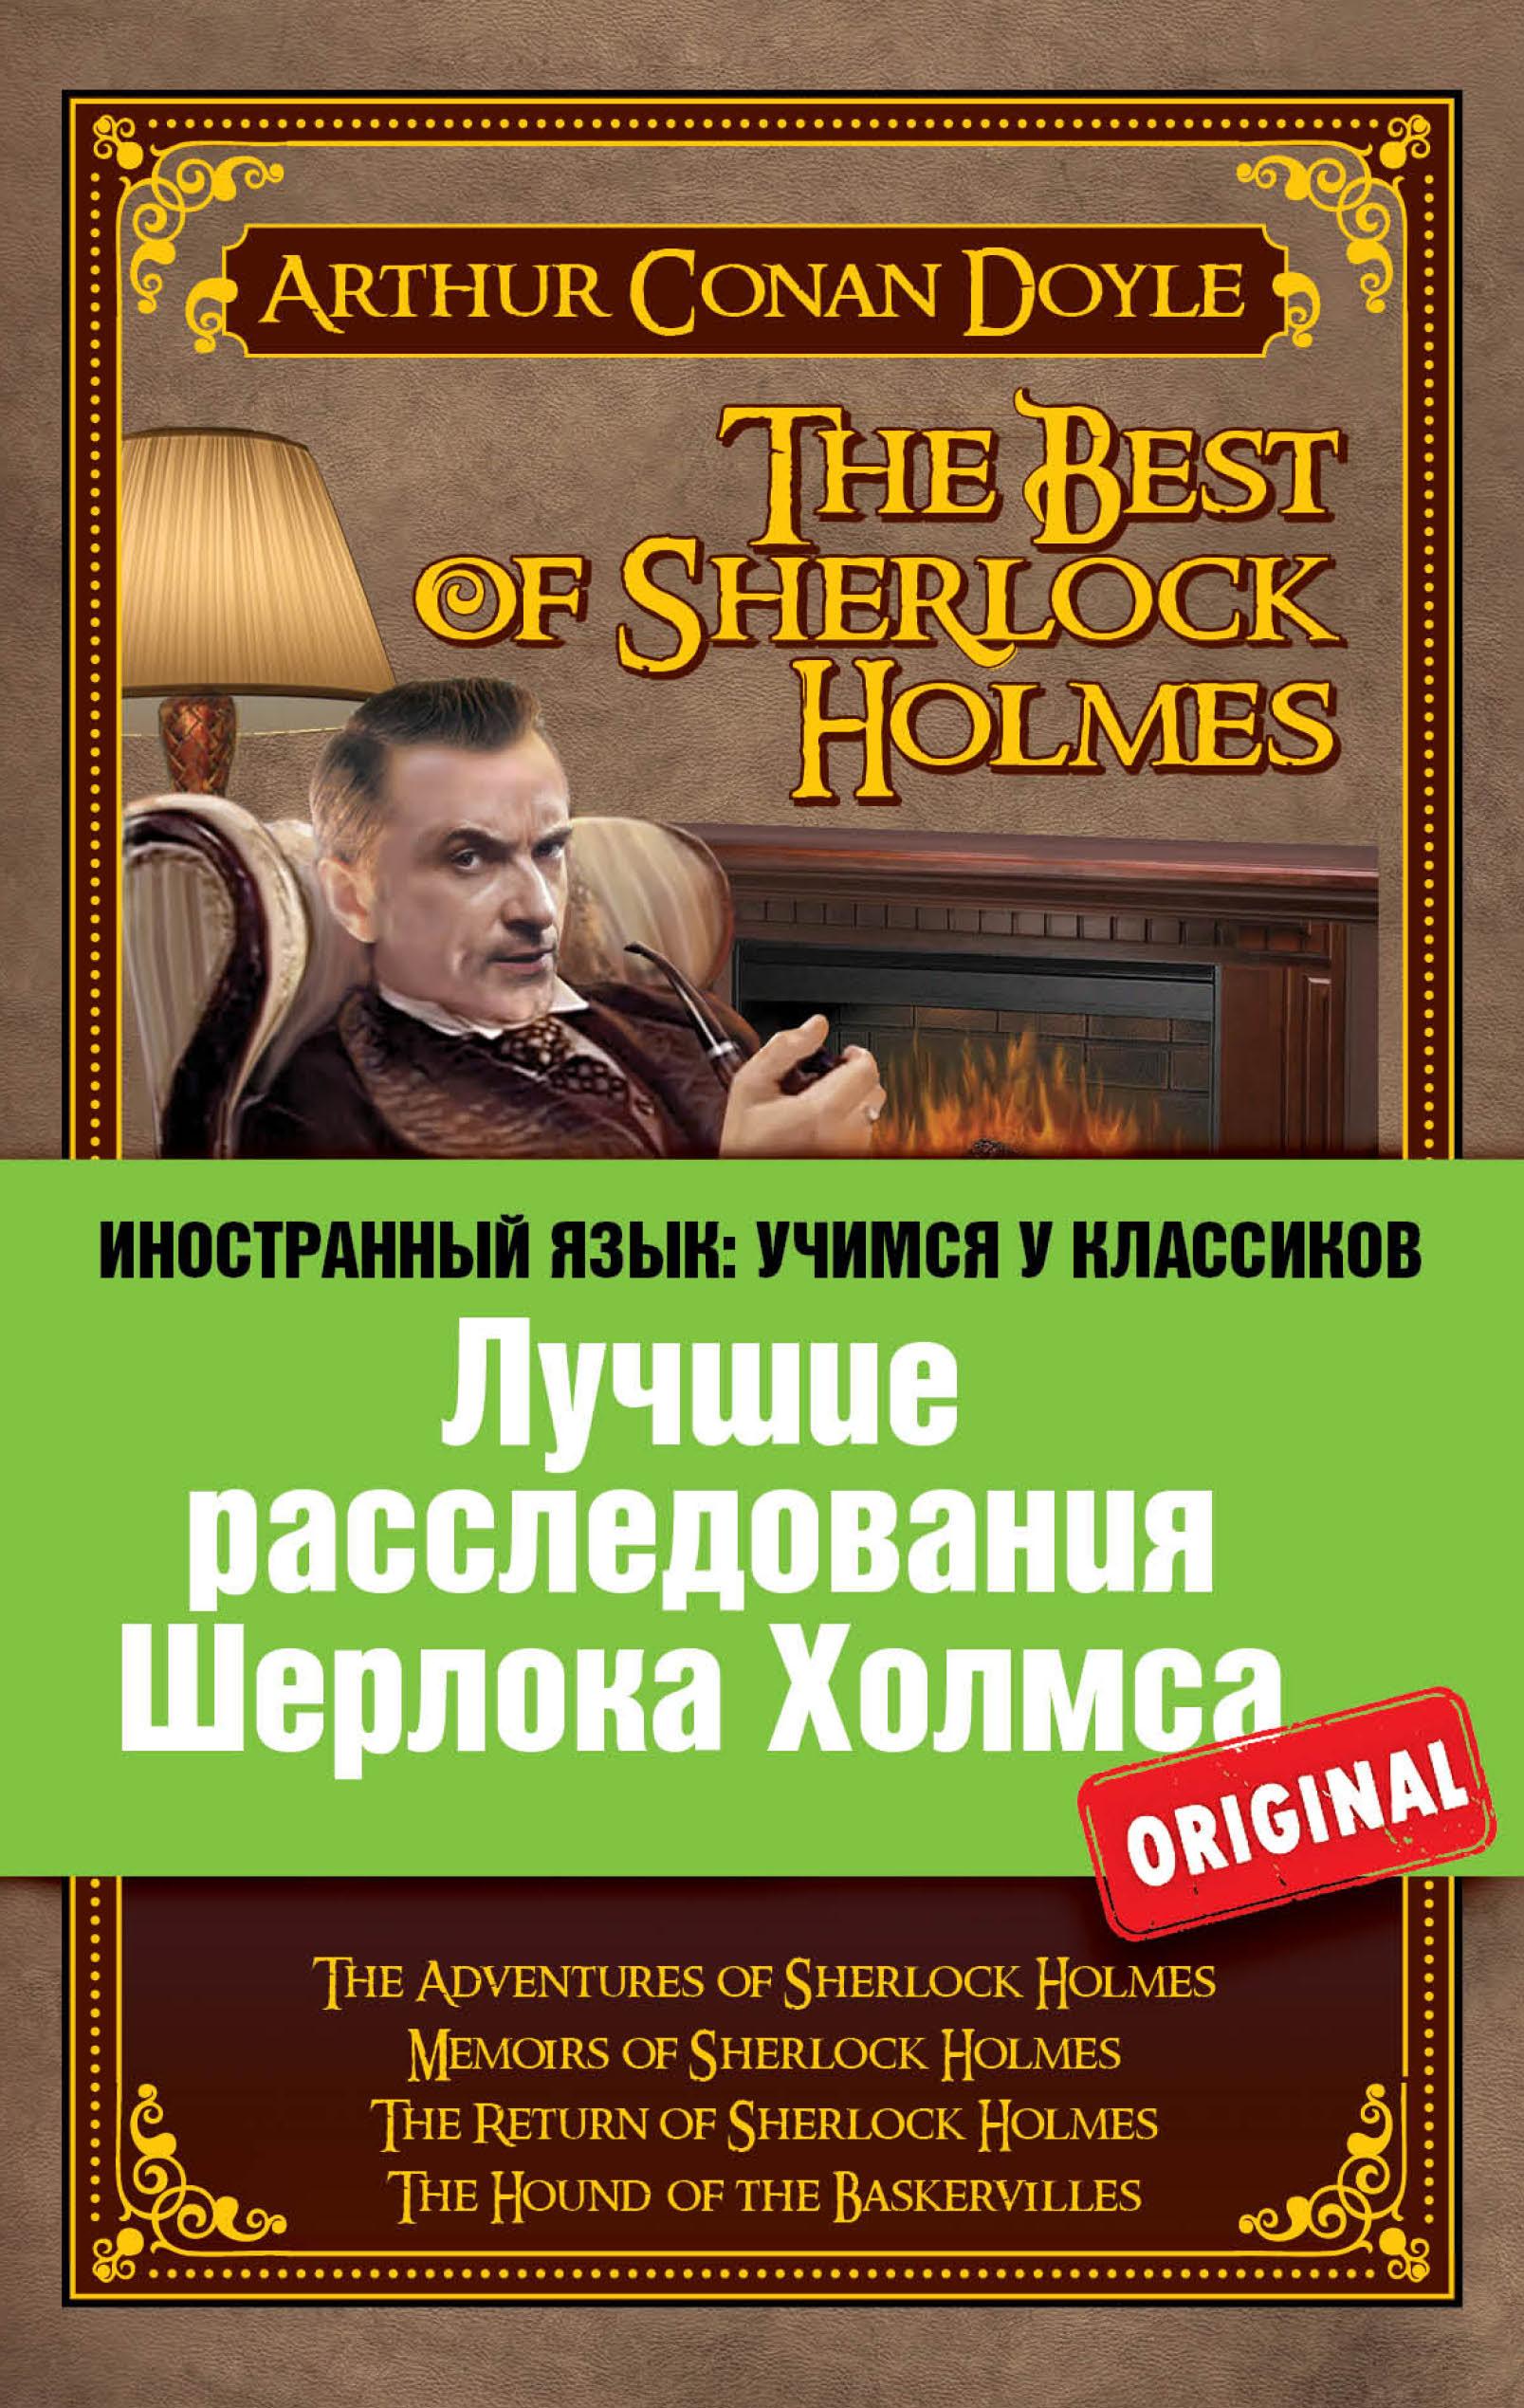 luchshie rassledovaniya sherloka kholmsa the best of sherlock holmes